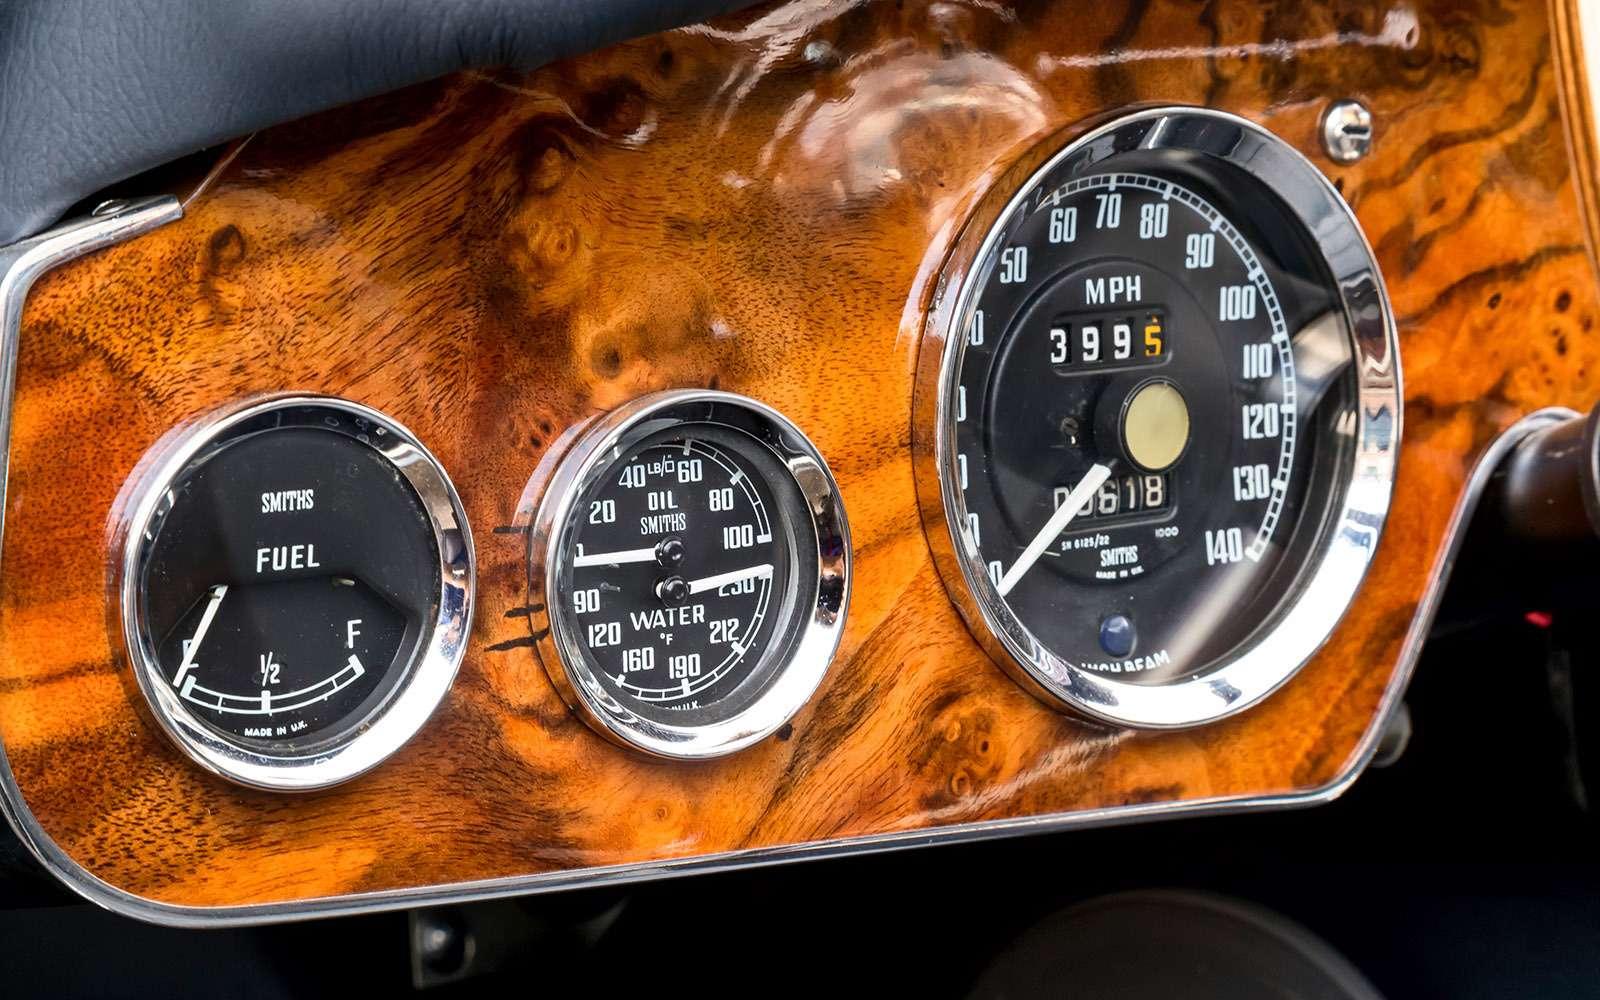 Аustin-Healey 3000Mk III: три литра английского— фото 679356